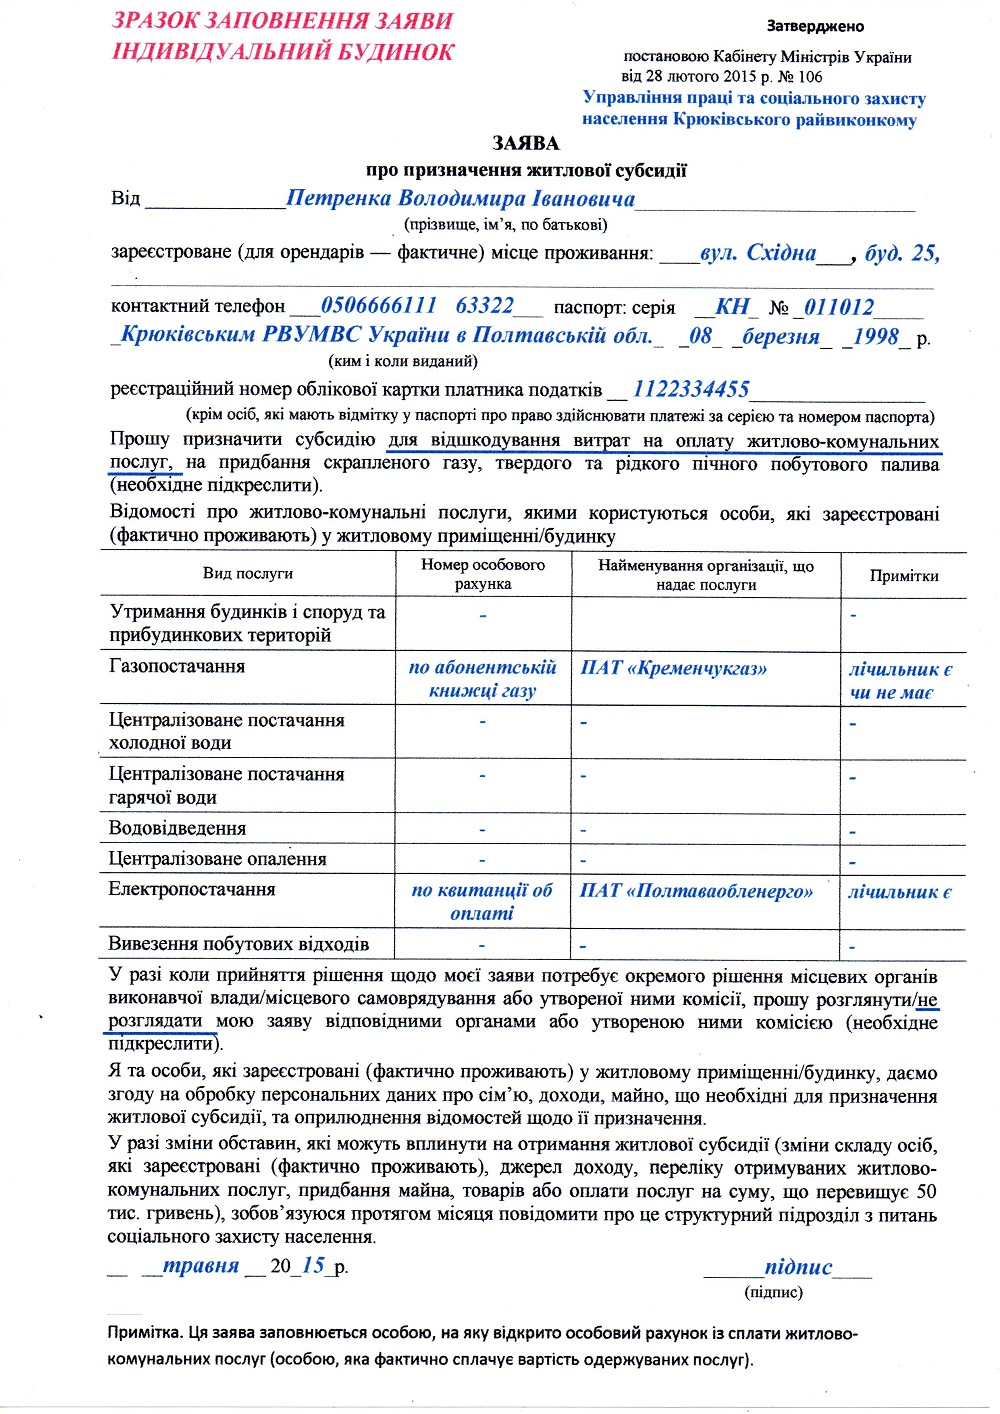 subsidiya ukraina obrazets zayavleniya dom